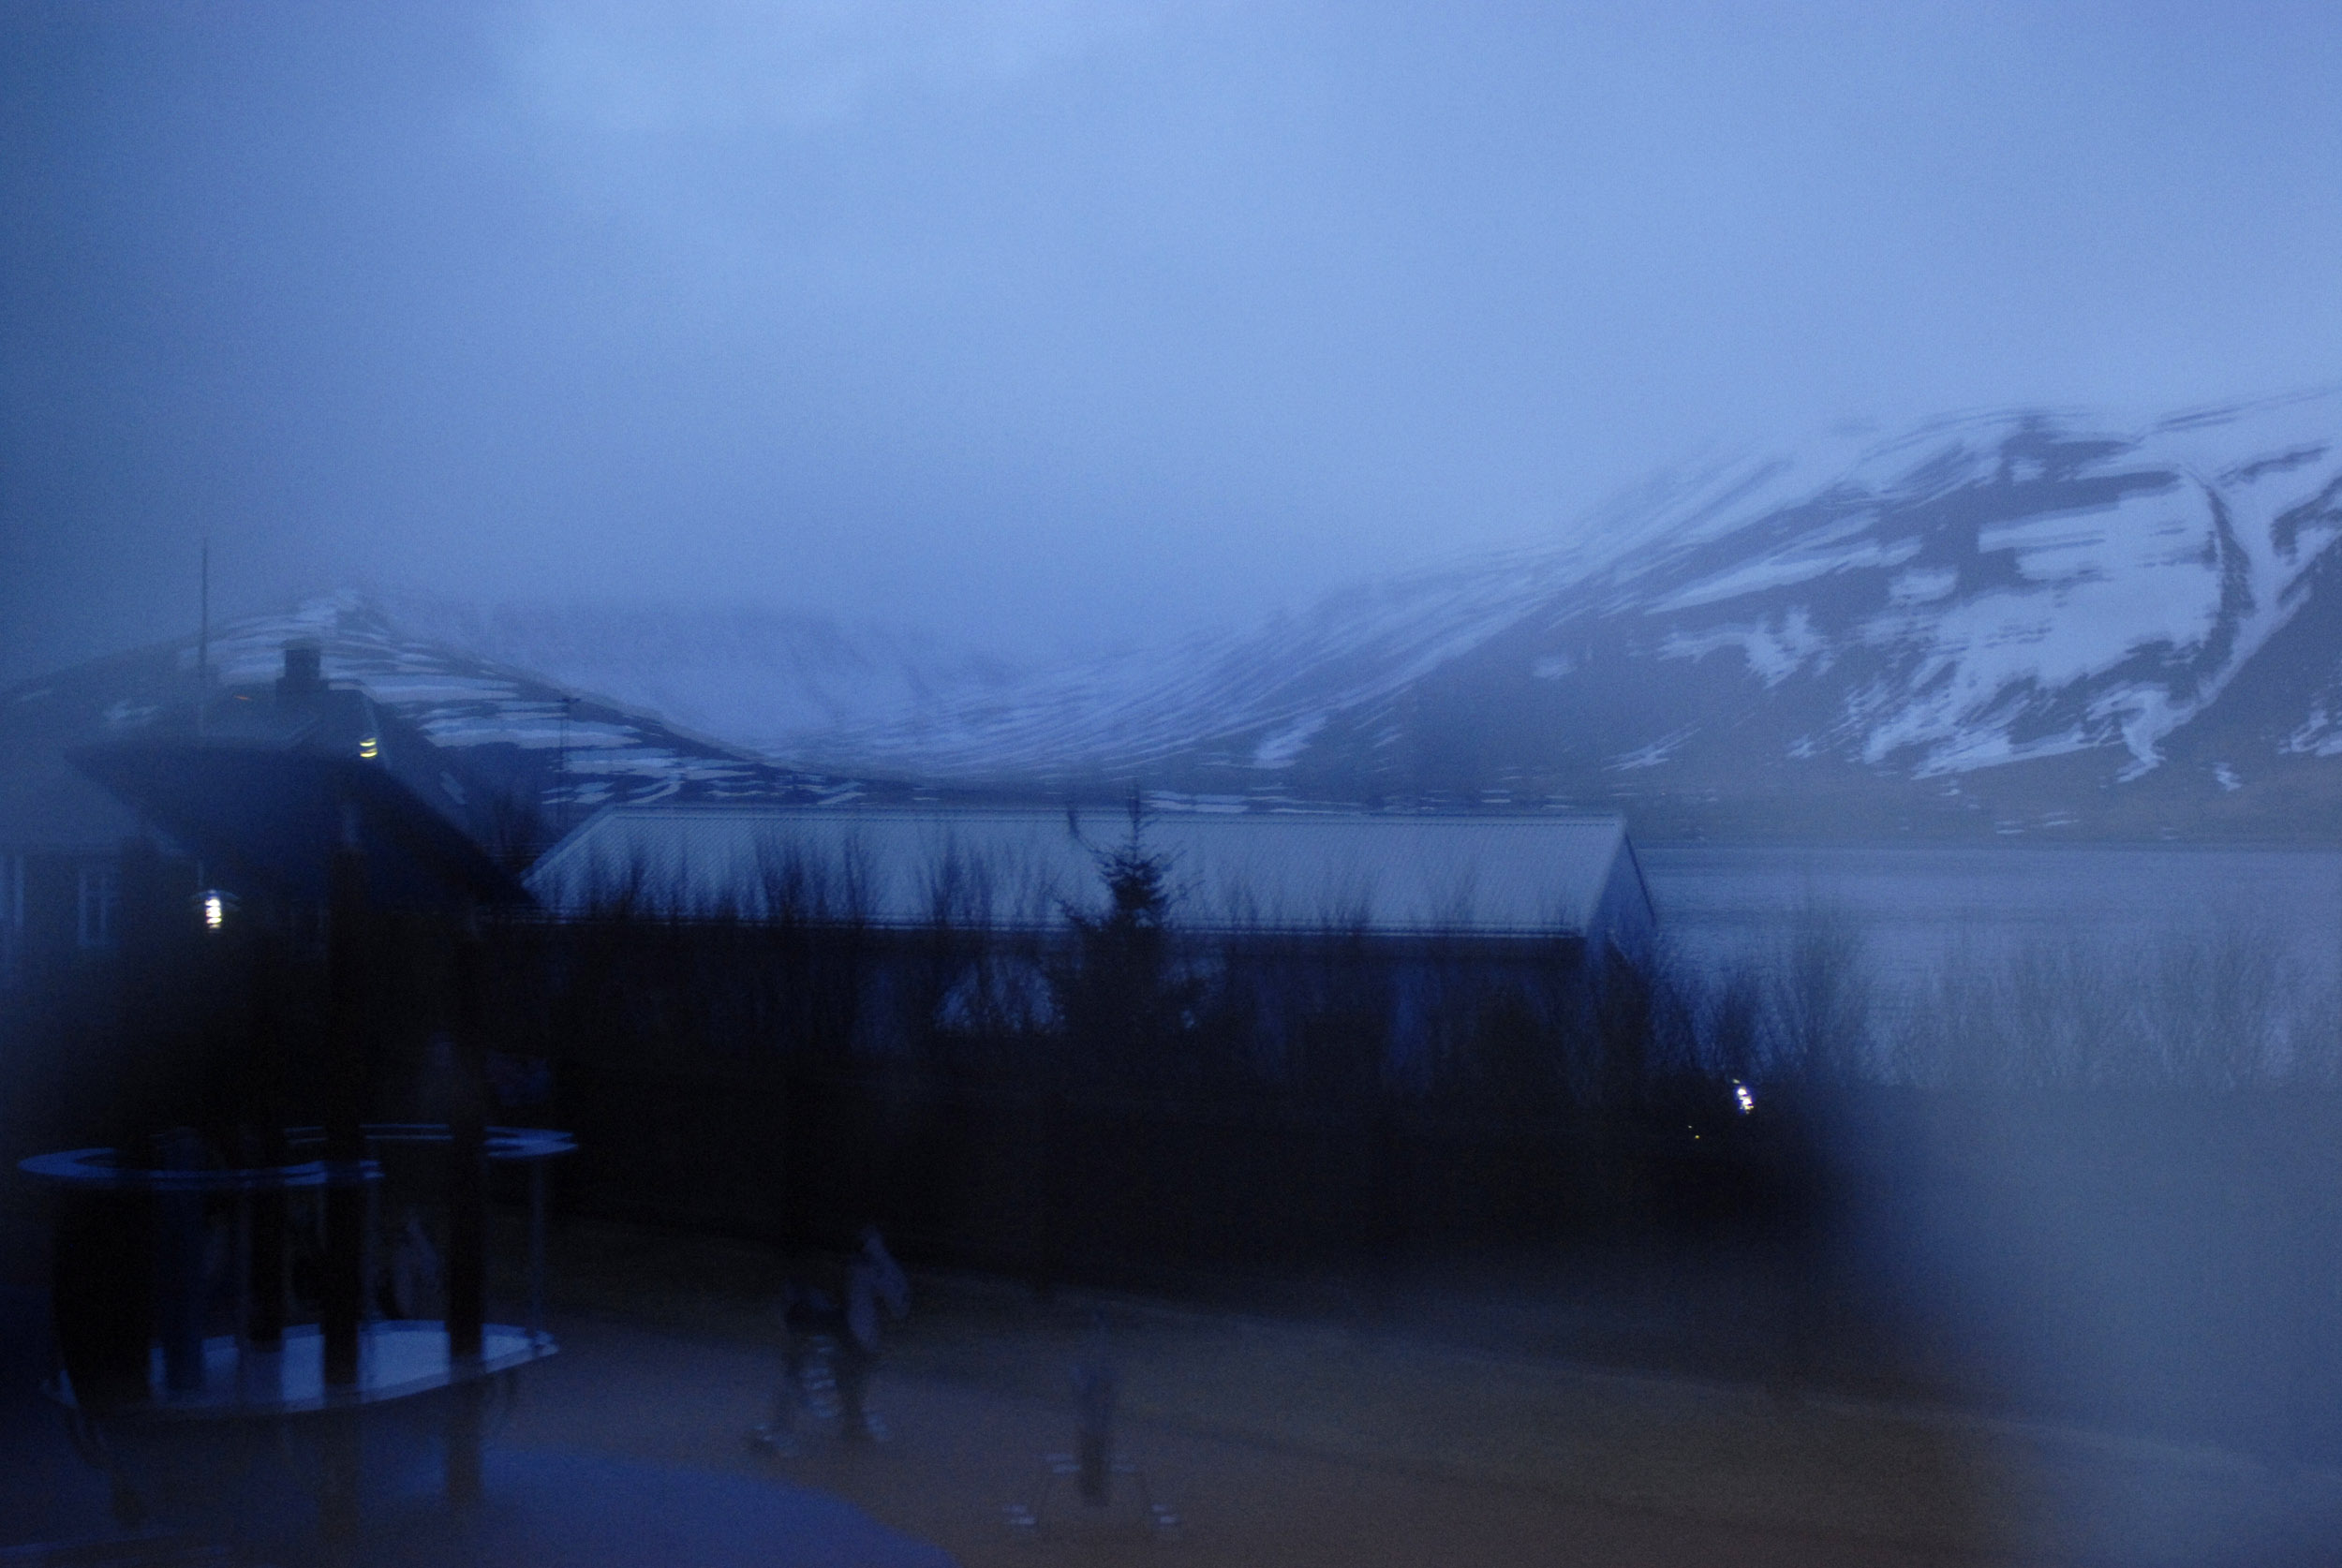 3_20150518_Westfjords_0084_Maki_Kaoru.jpg